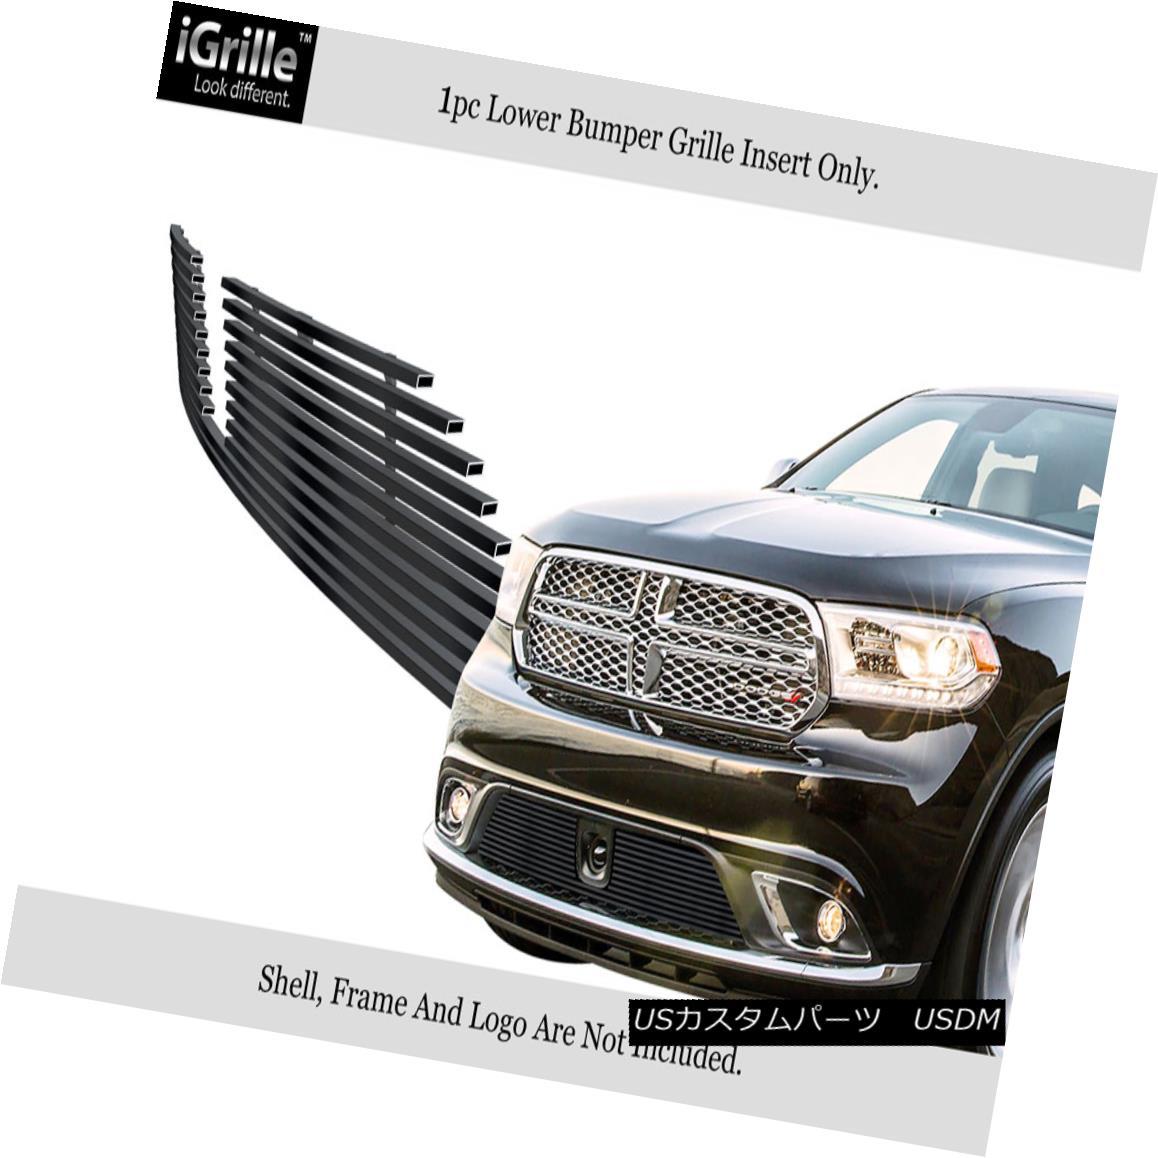 グリル For 14-18 Dodge Durango W/Adapter Control Stainless Black Bumper Billet Grille 14-18 Dodge Durango W / Adaptorコントロール用ステンレスブラックバンパービレットグリル